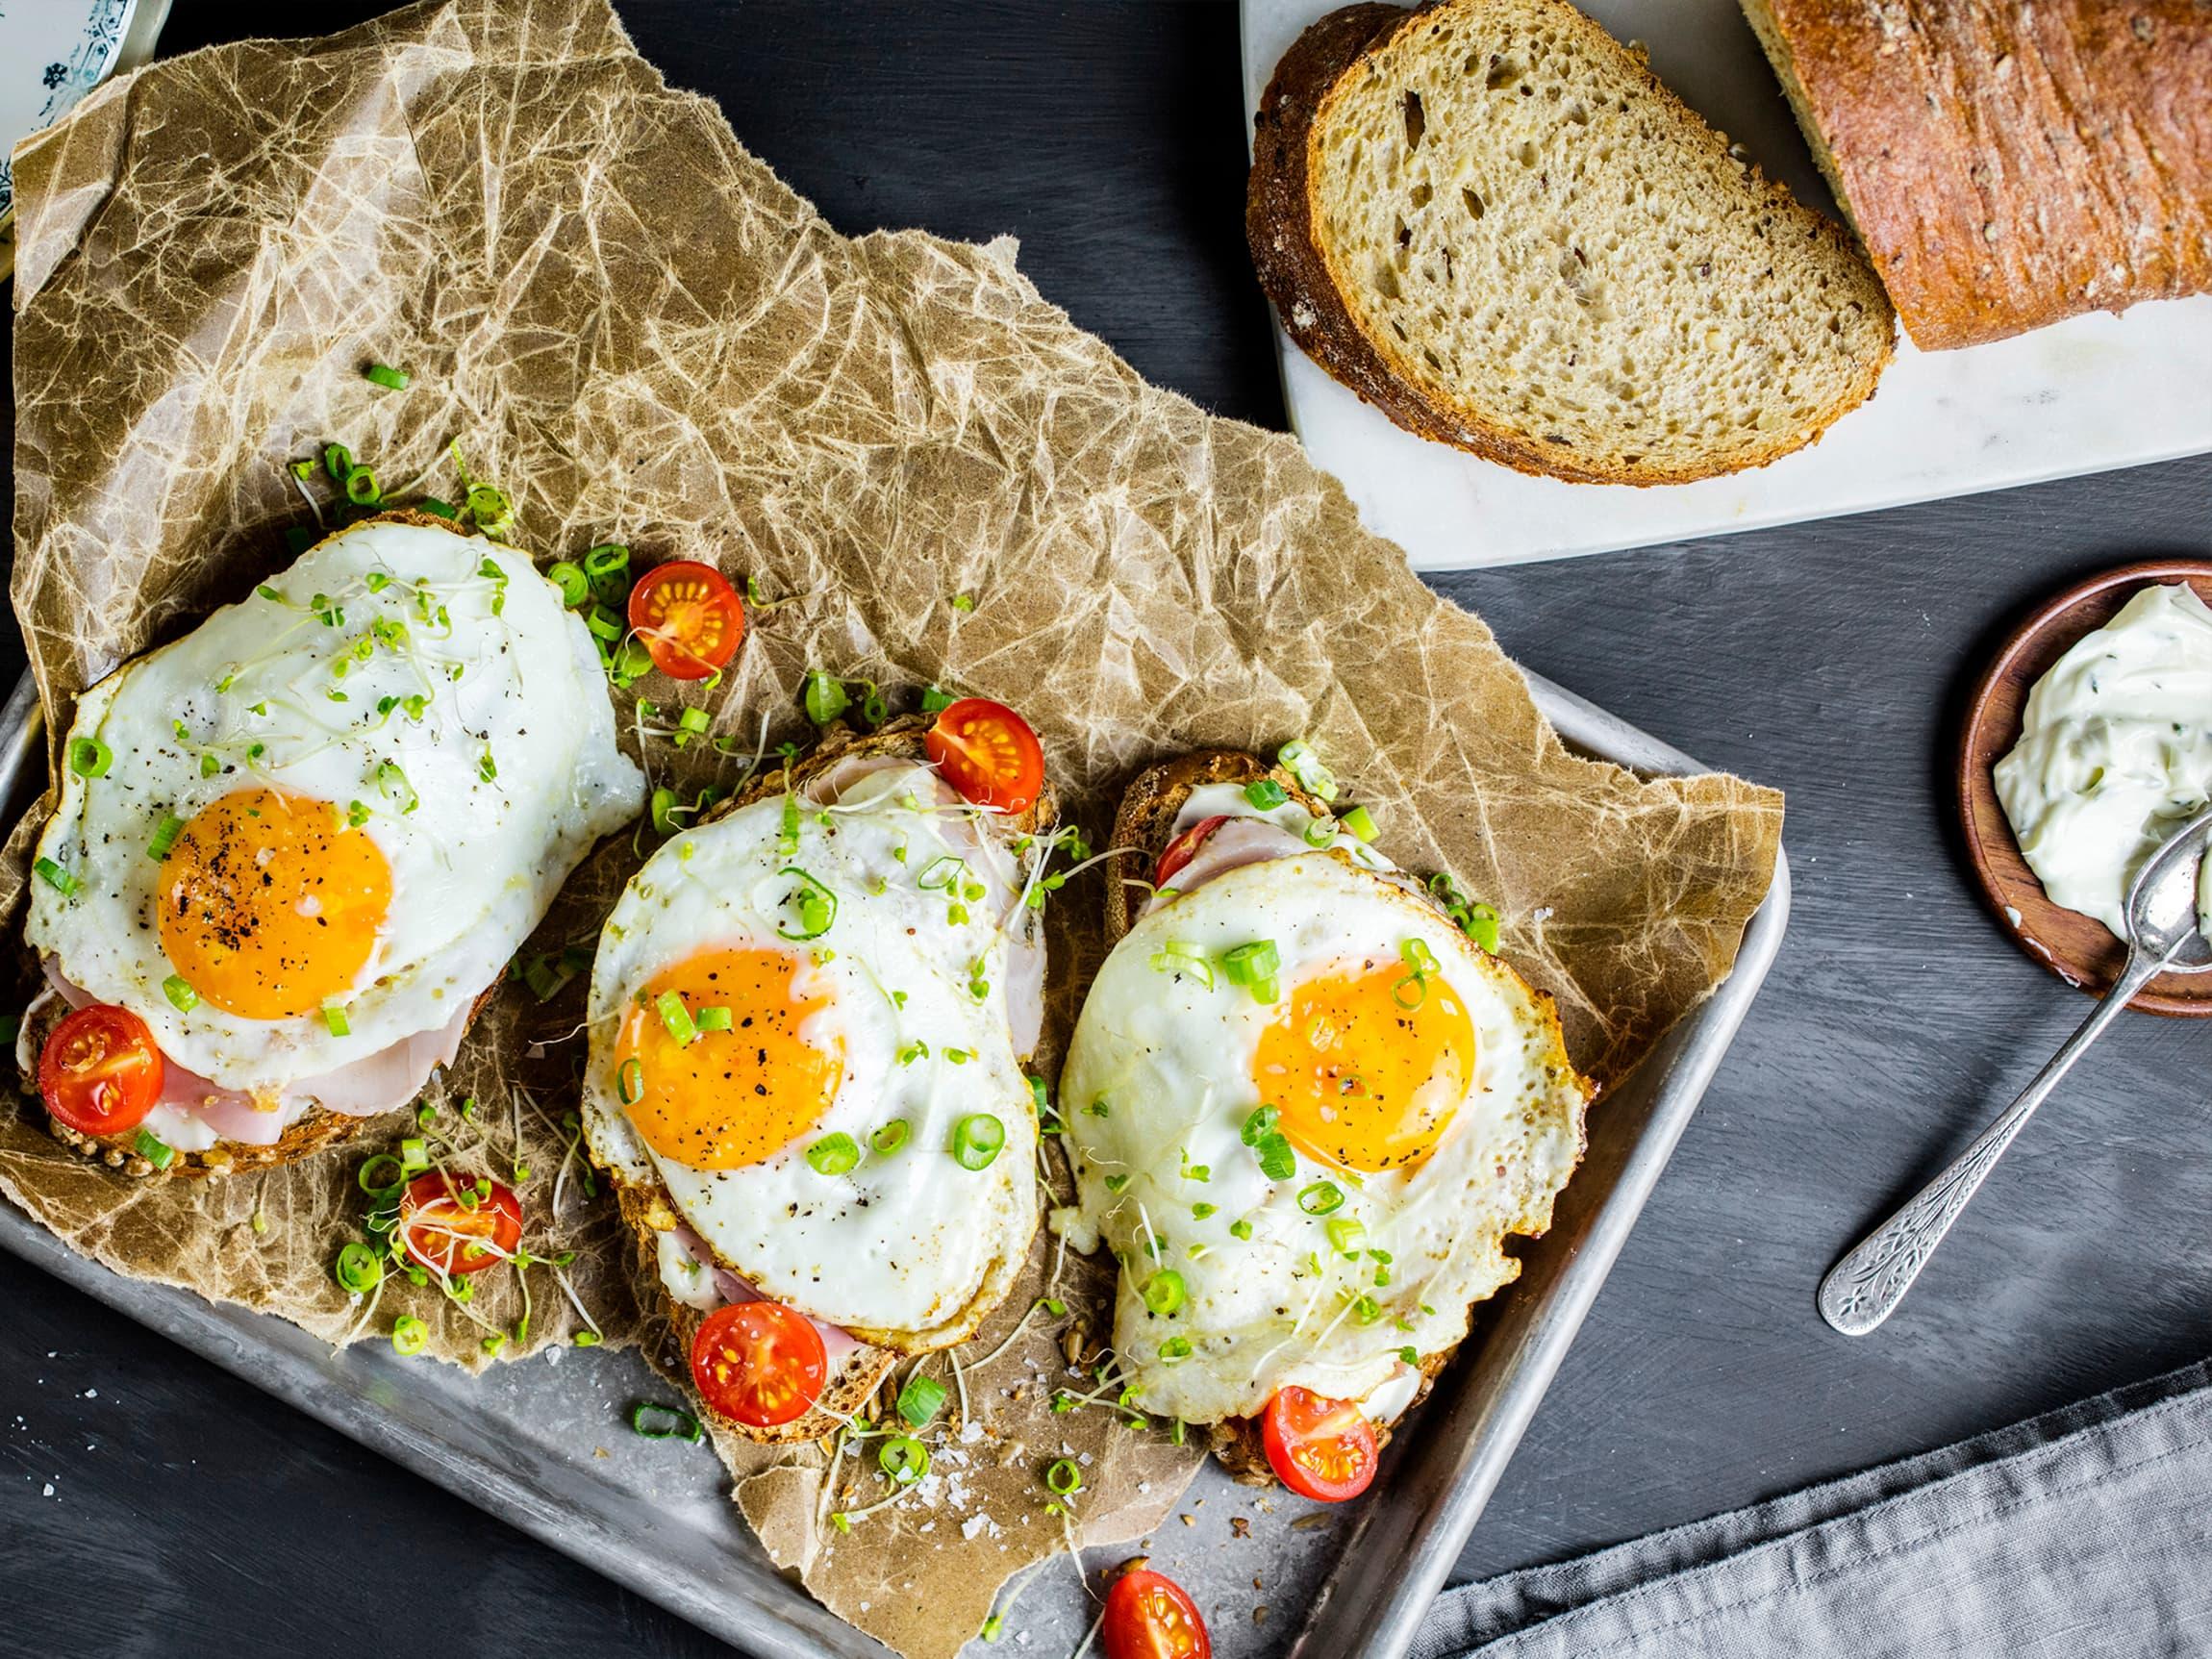 Lag skiver av Jacobs Utvalgte alpebrød, og topp med aioli, provence skinke, finhakket vårløk, cherrytomater. Avslutt med et stekt egg.